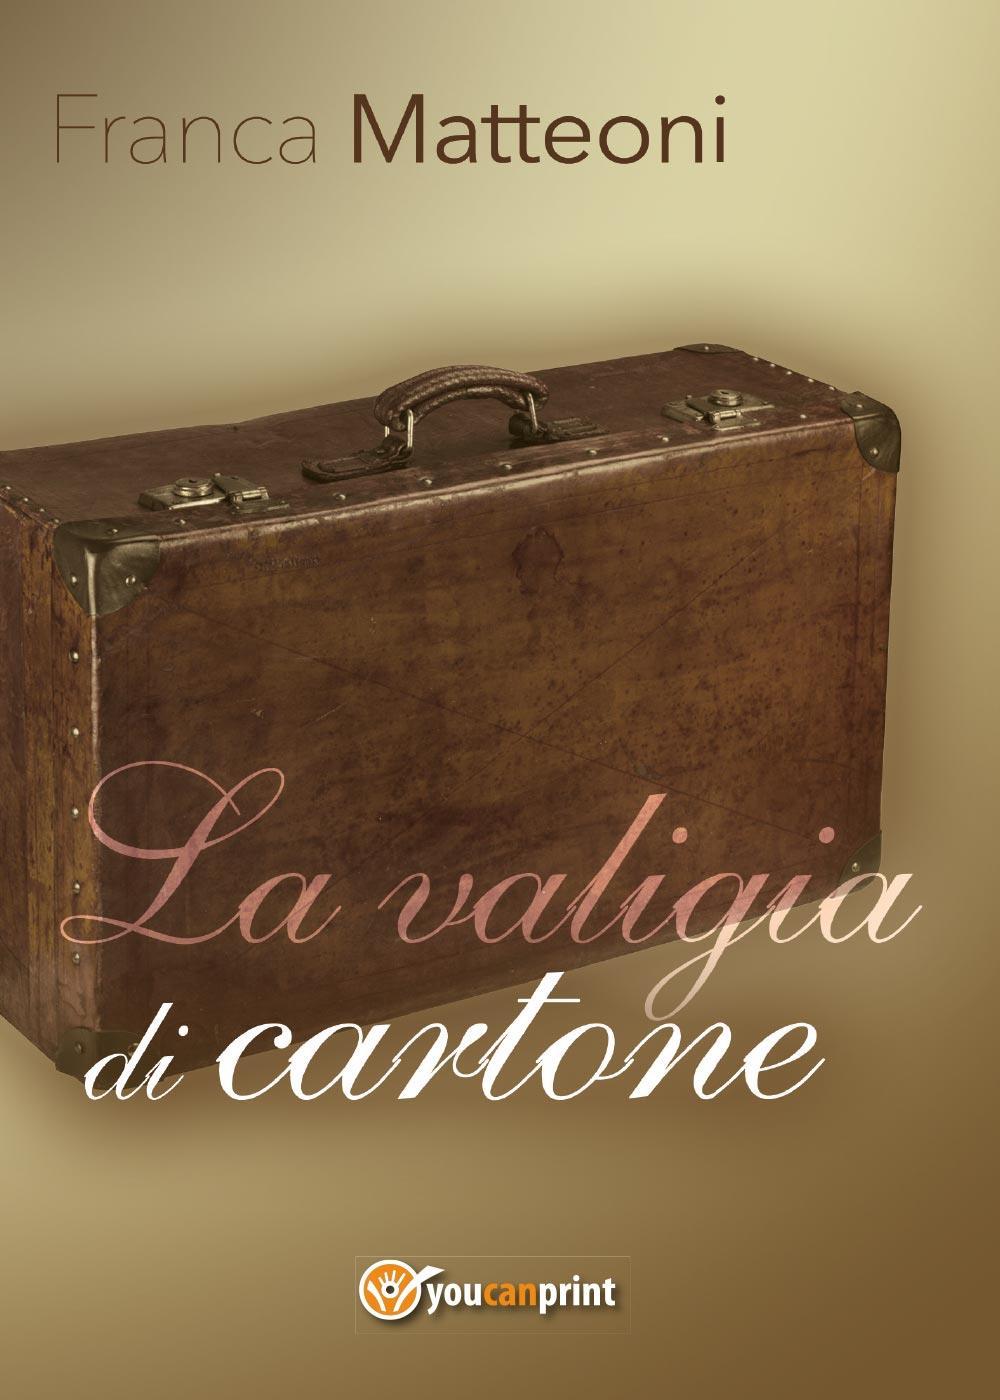 La valigia di cartone